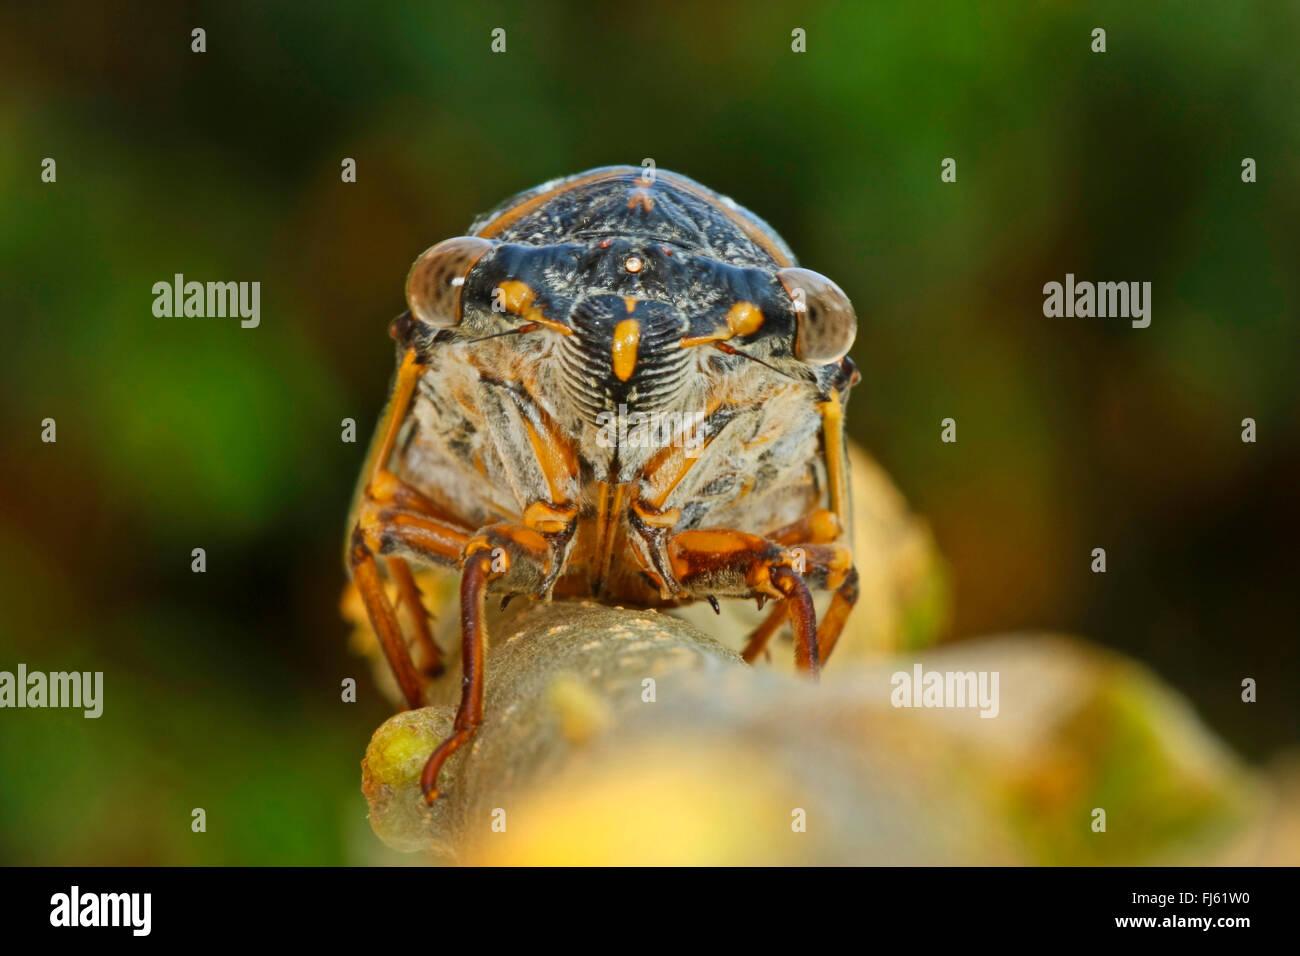 Comune Europeo meridionale cicala (Lyristes plebejus, Lyristes plebeius, Tibicen plebejus, Tibicen plebeius), ritratto Immagini Stock